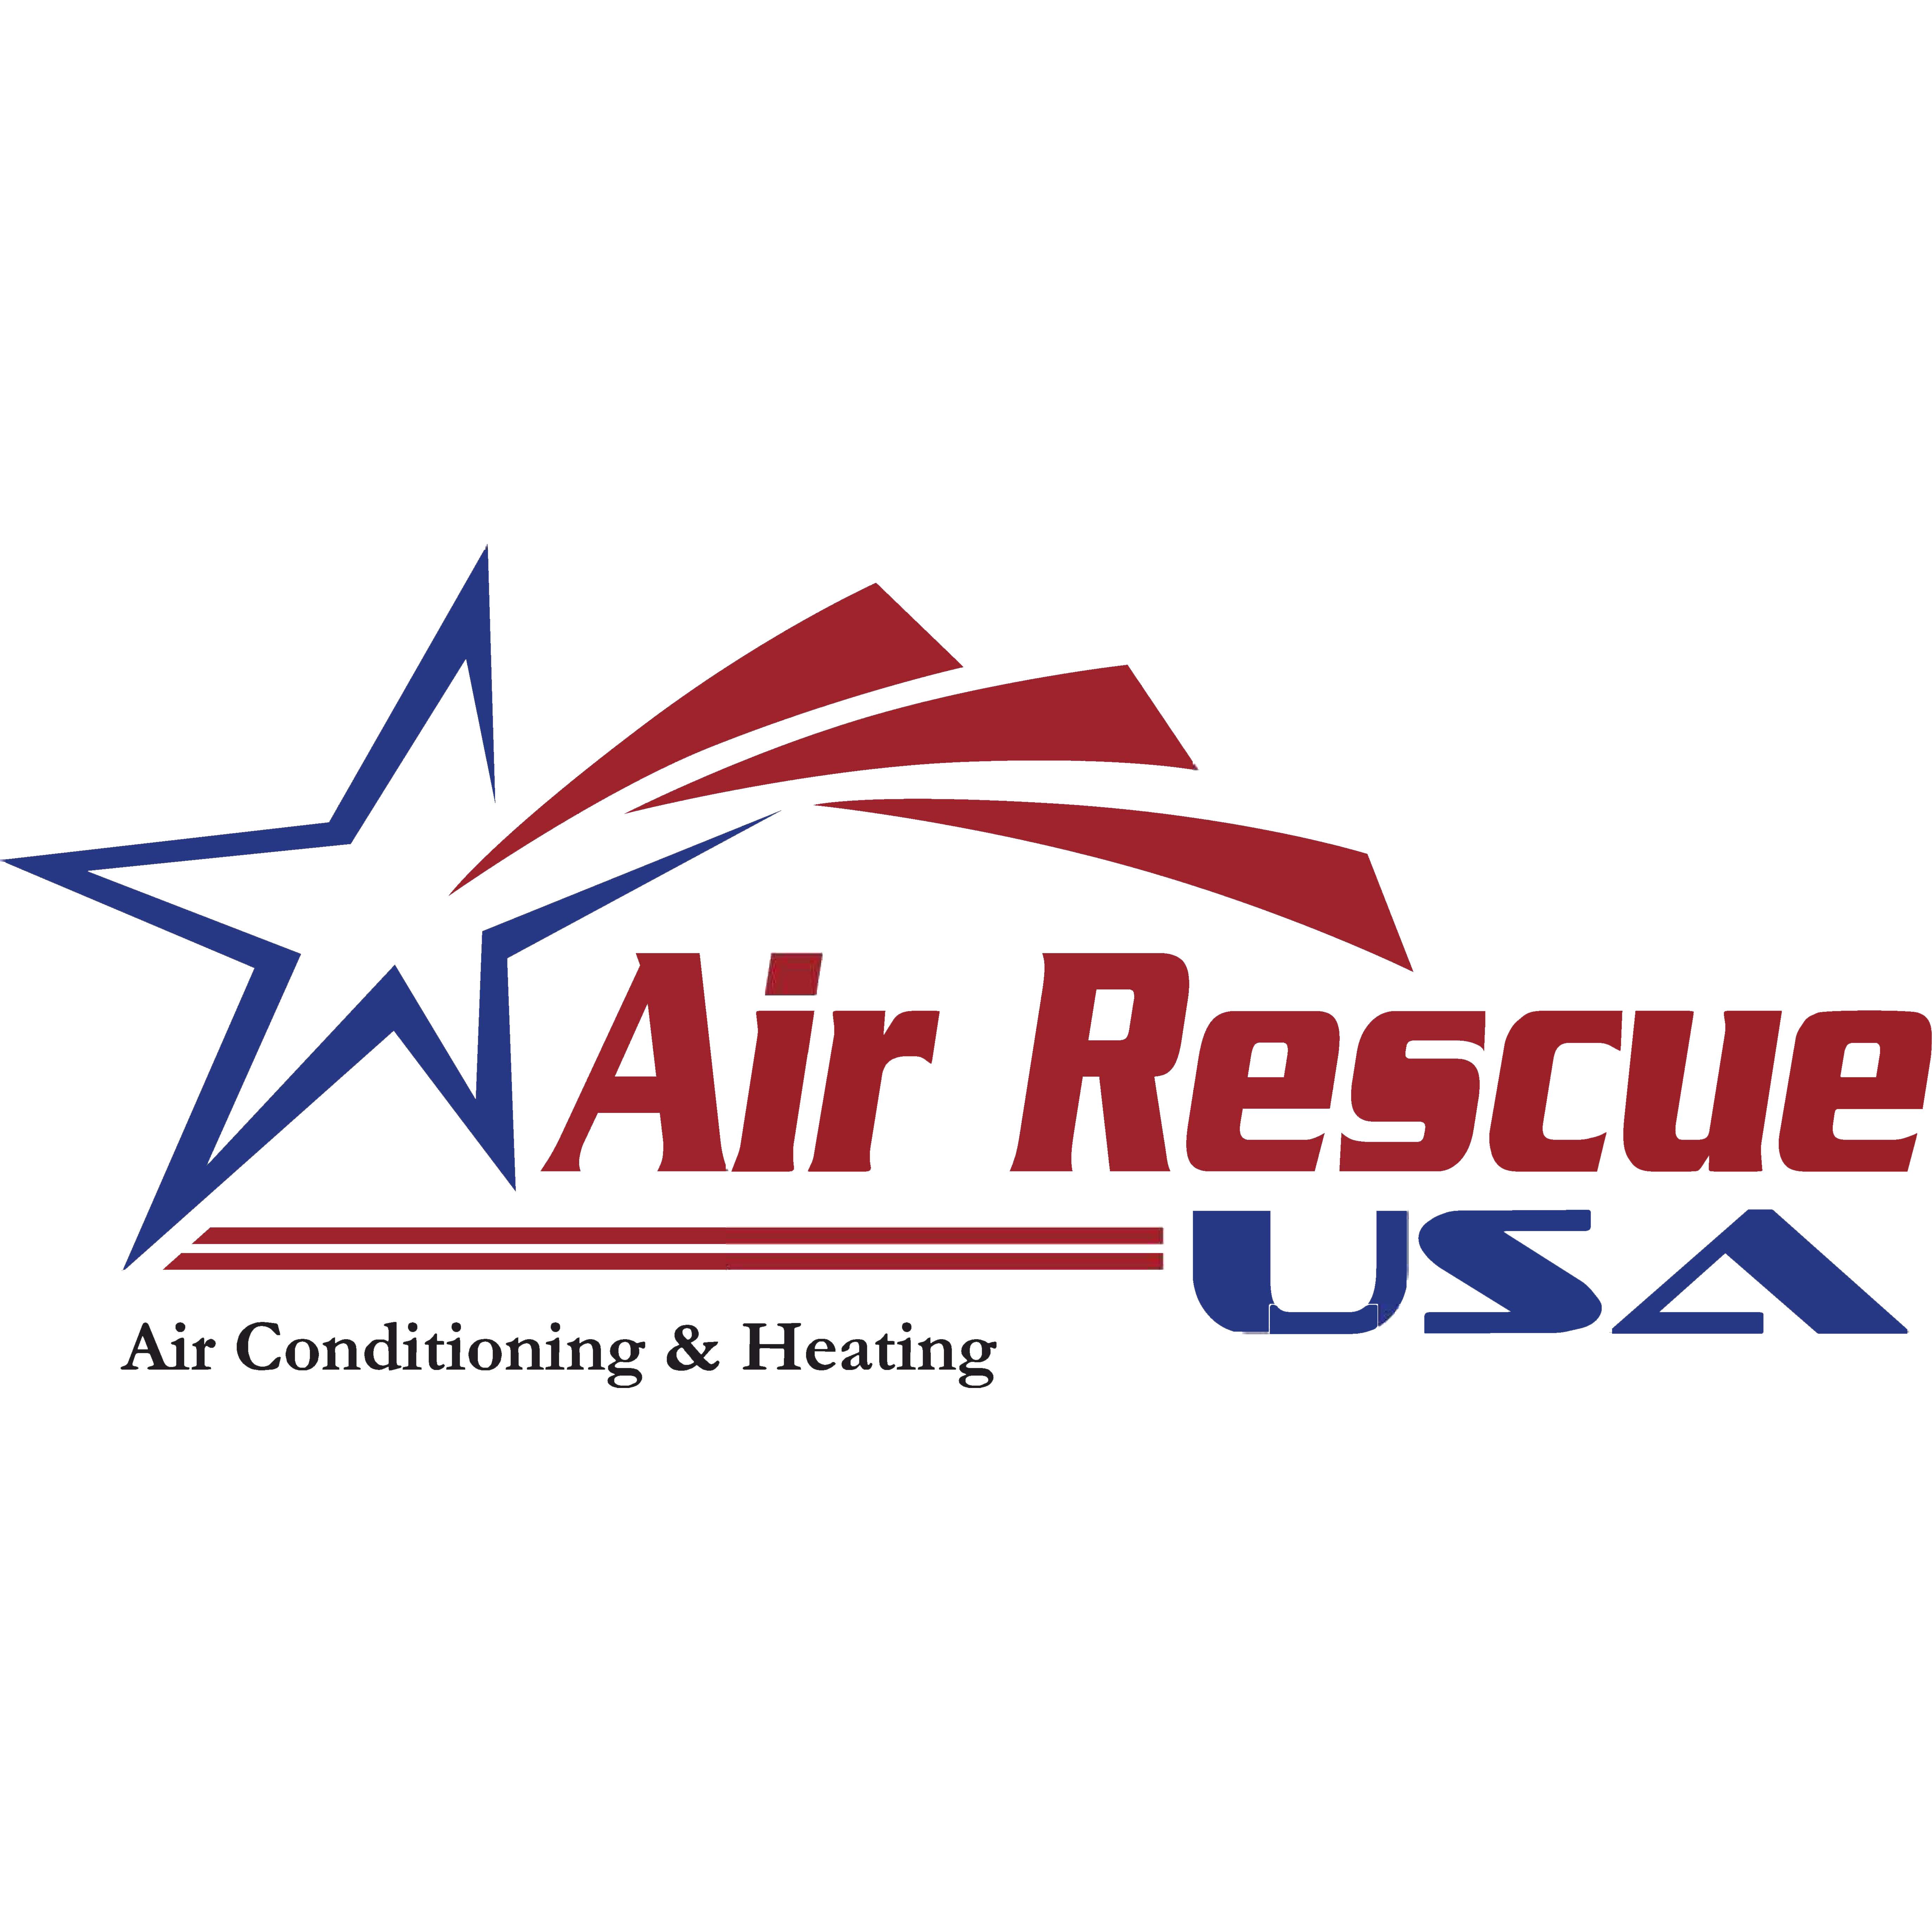 Air Rescue USA A/C & Heating